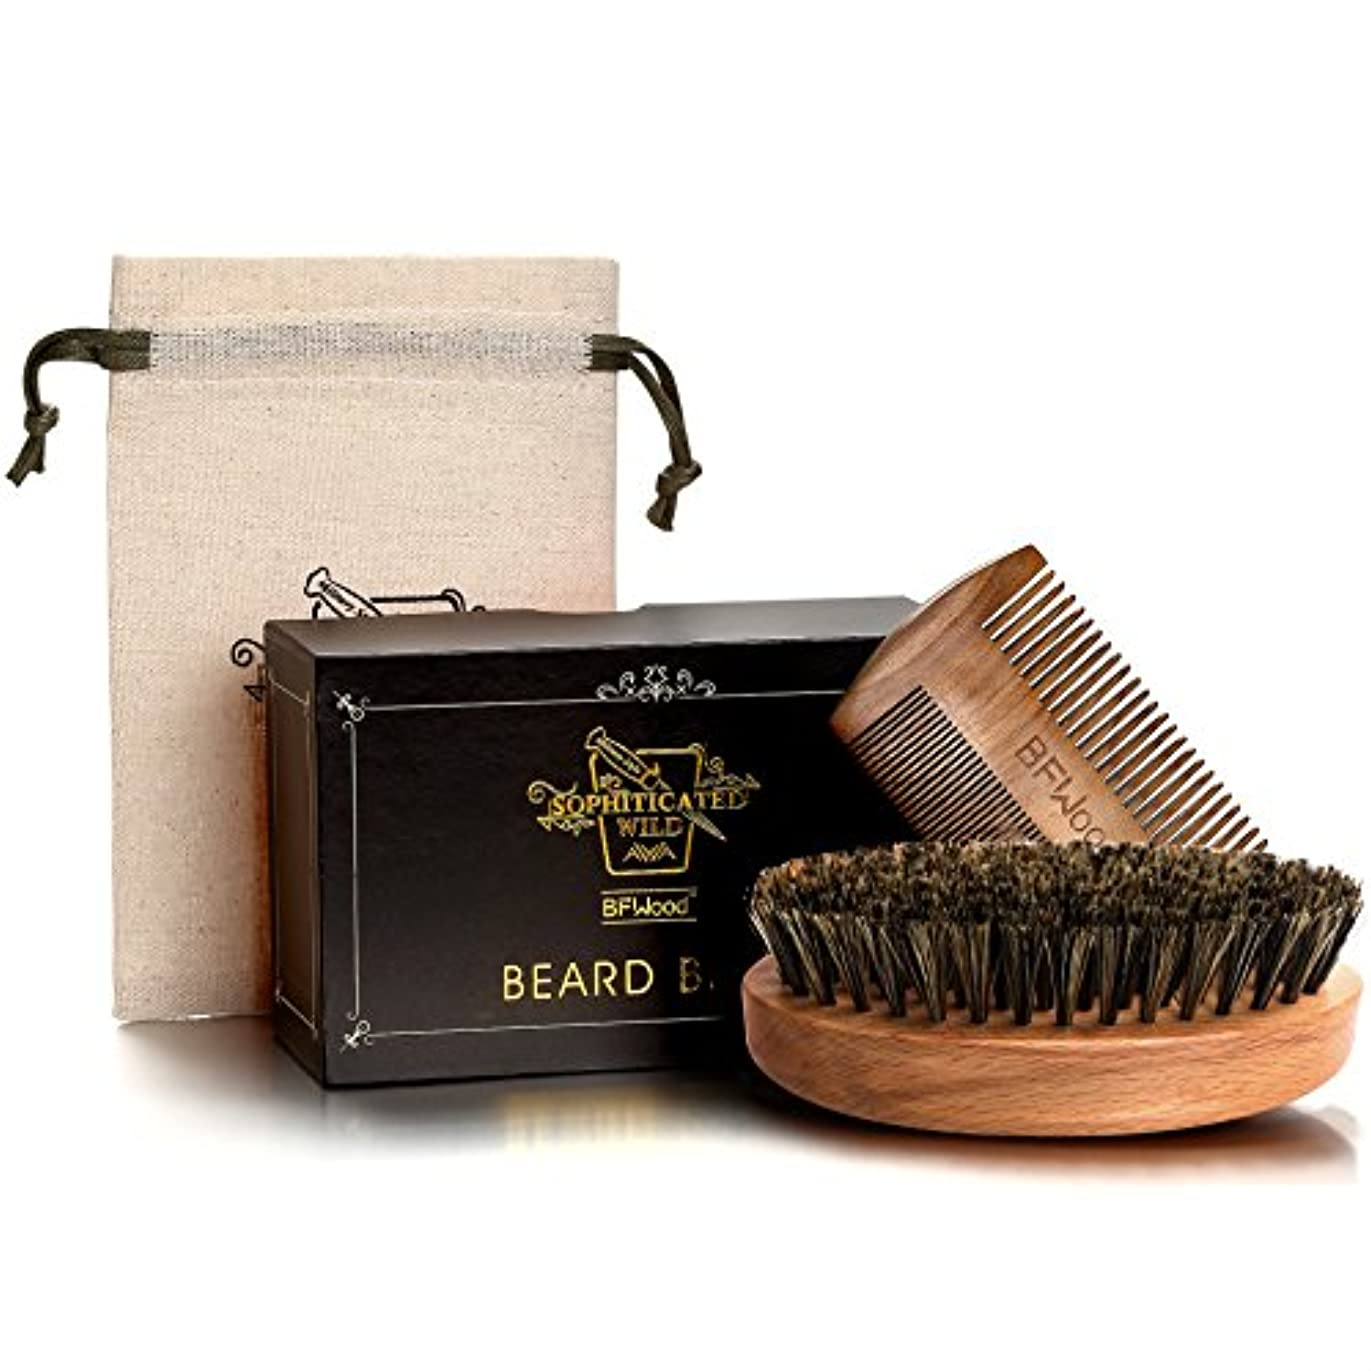 用心深い同様に異議BFWood Beard Brush Set 豚毛髭ブラシと木製コム アメリカミリタリースタイル (ブラシとコムセット)